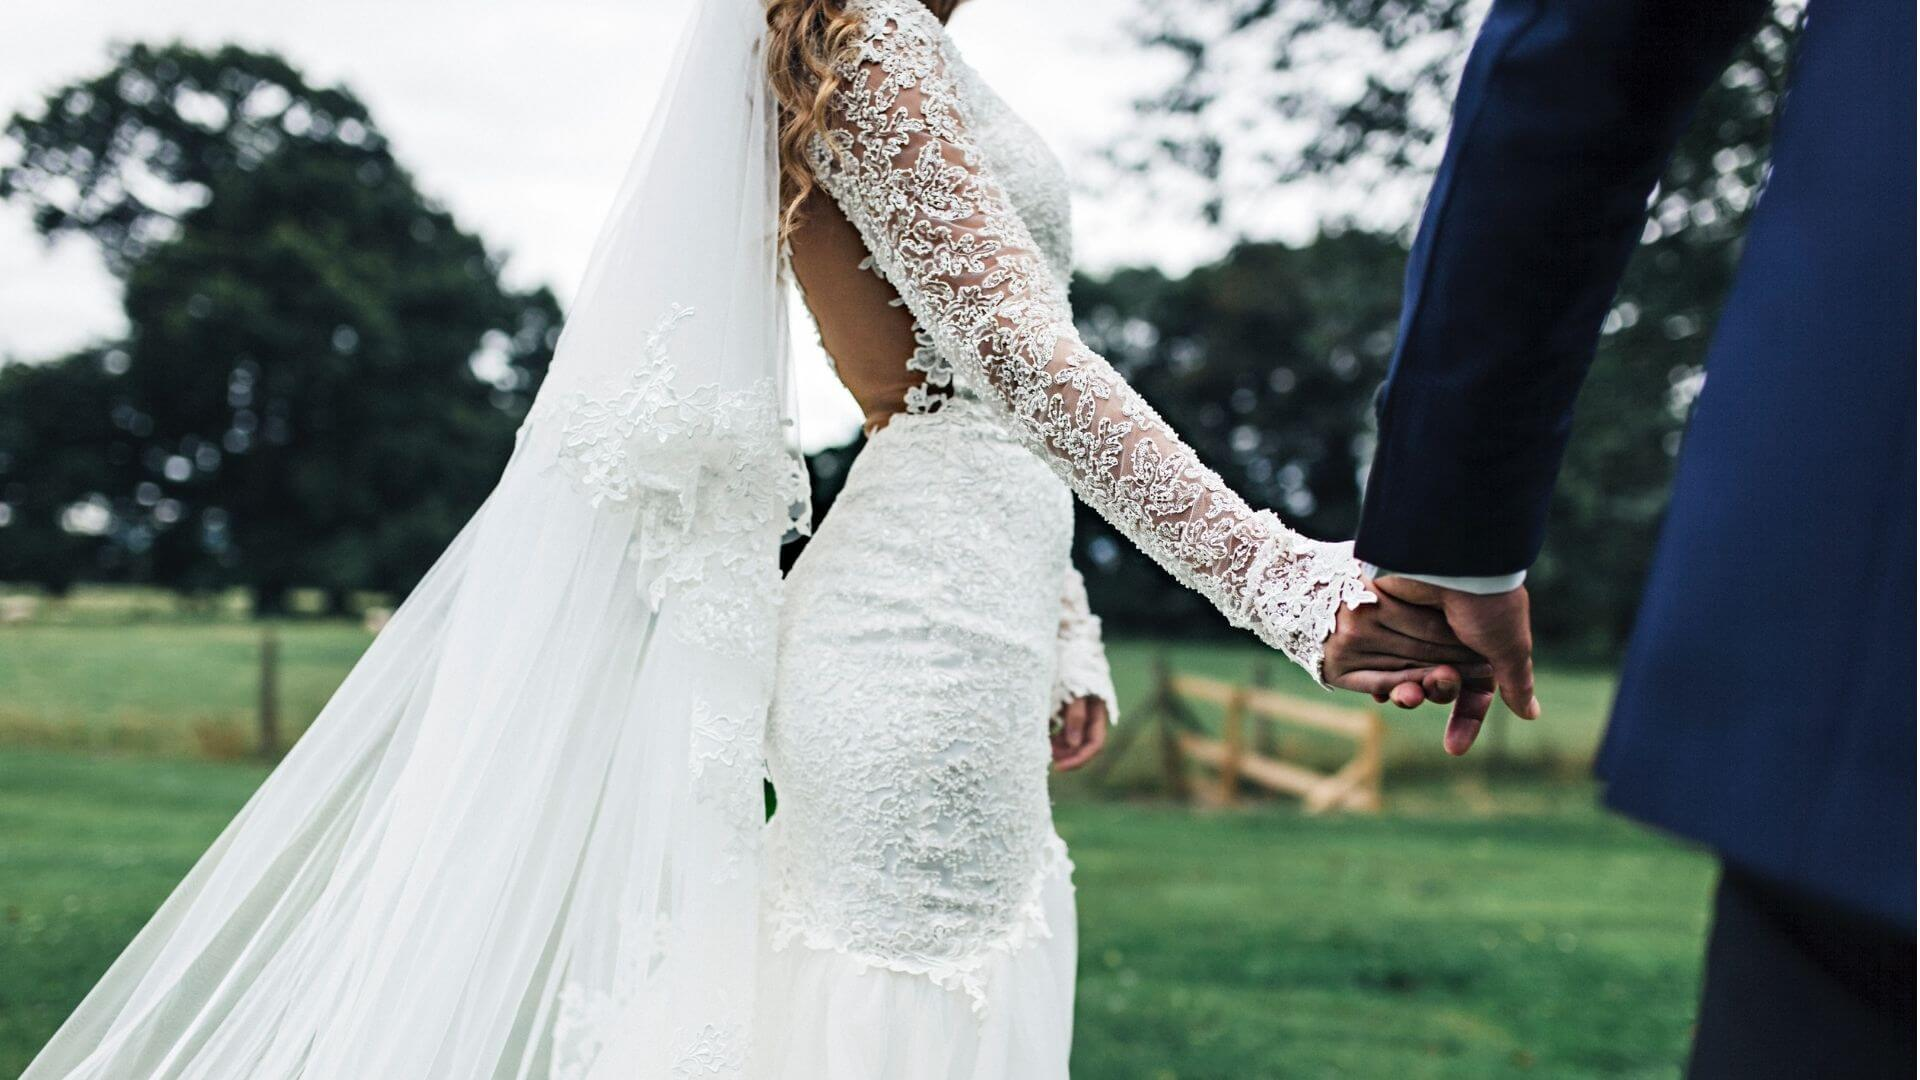 La mariée dans sa robe prend la main de son époux à Senlis